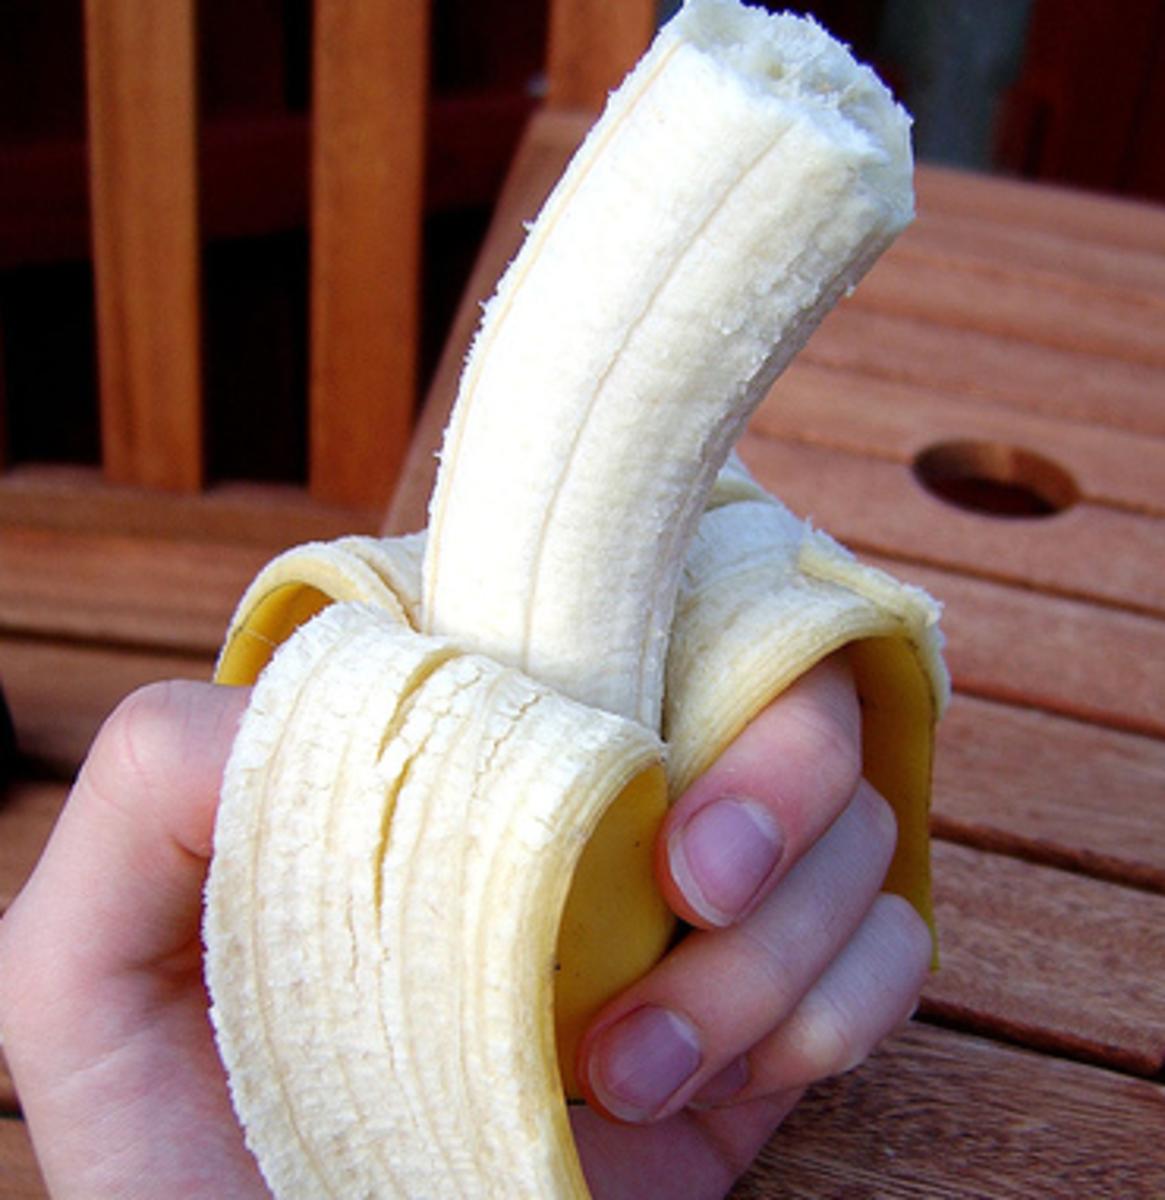 Peel and eat a banana